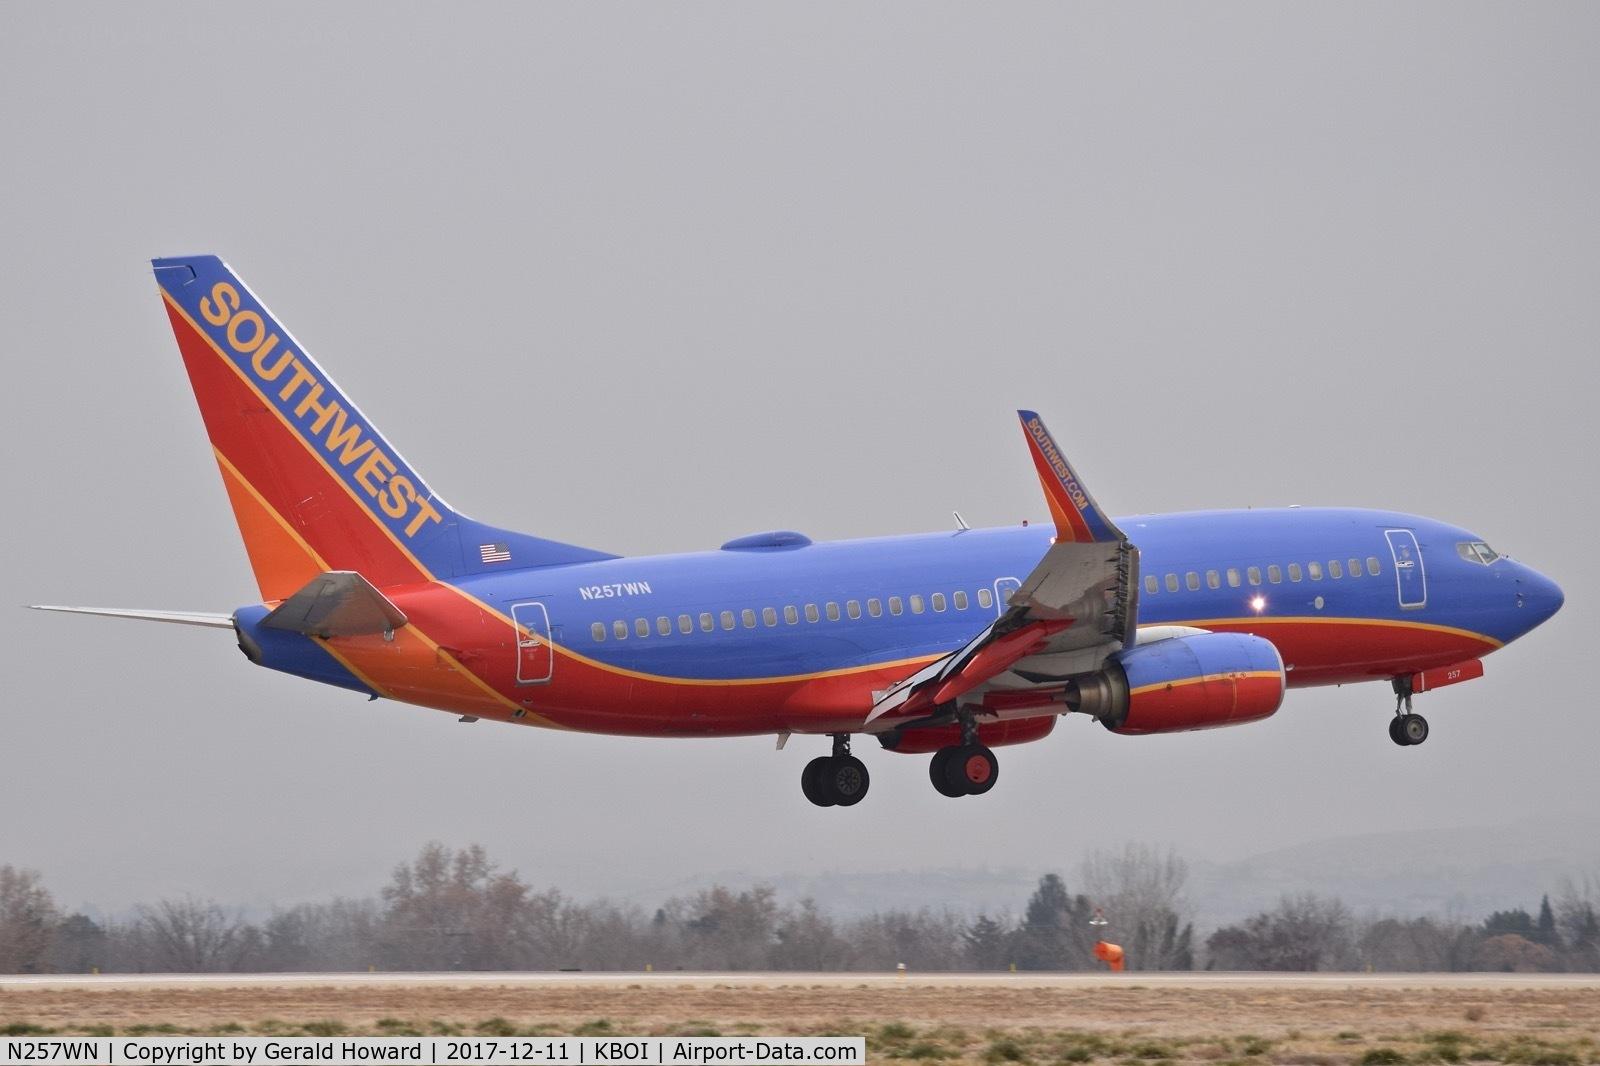 N257WN, 2006 Boeing 737-7H4 C/N 32515, Landing RWY 10L.